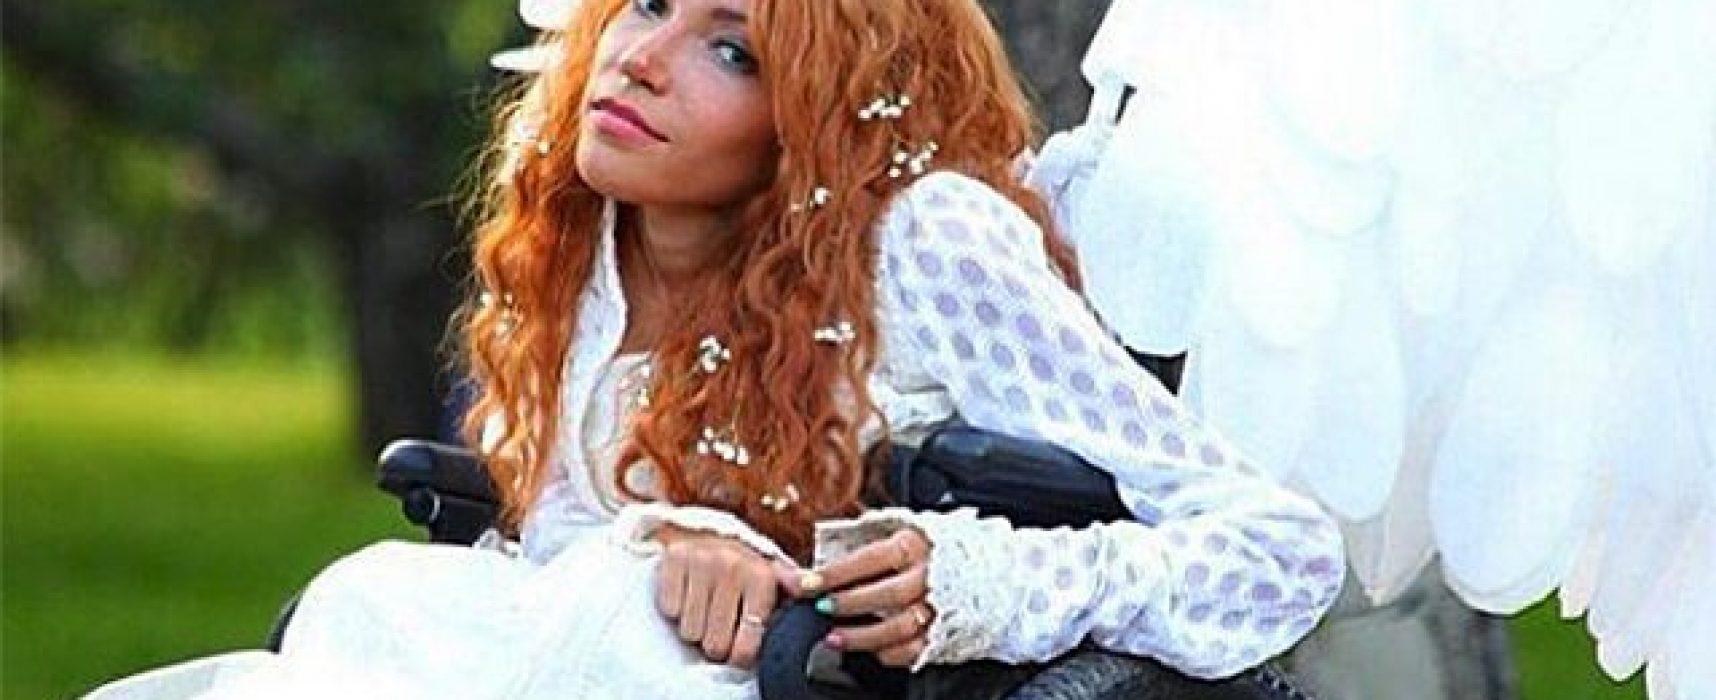 L'Eurovision: réactions de l'Ukraine, de l'Occident et de la Russie à l'interdiction d'entrée à la chanteuse russe